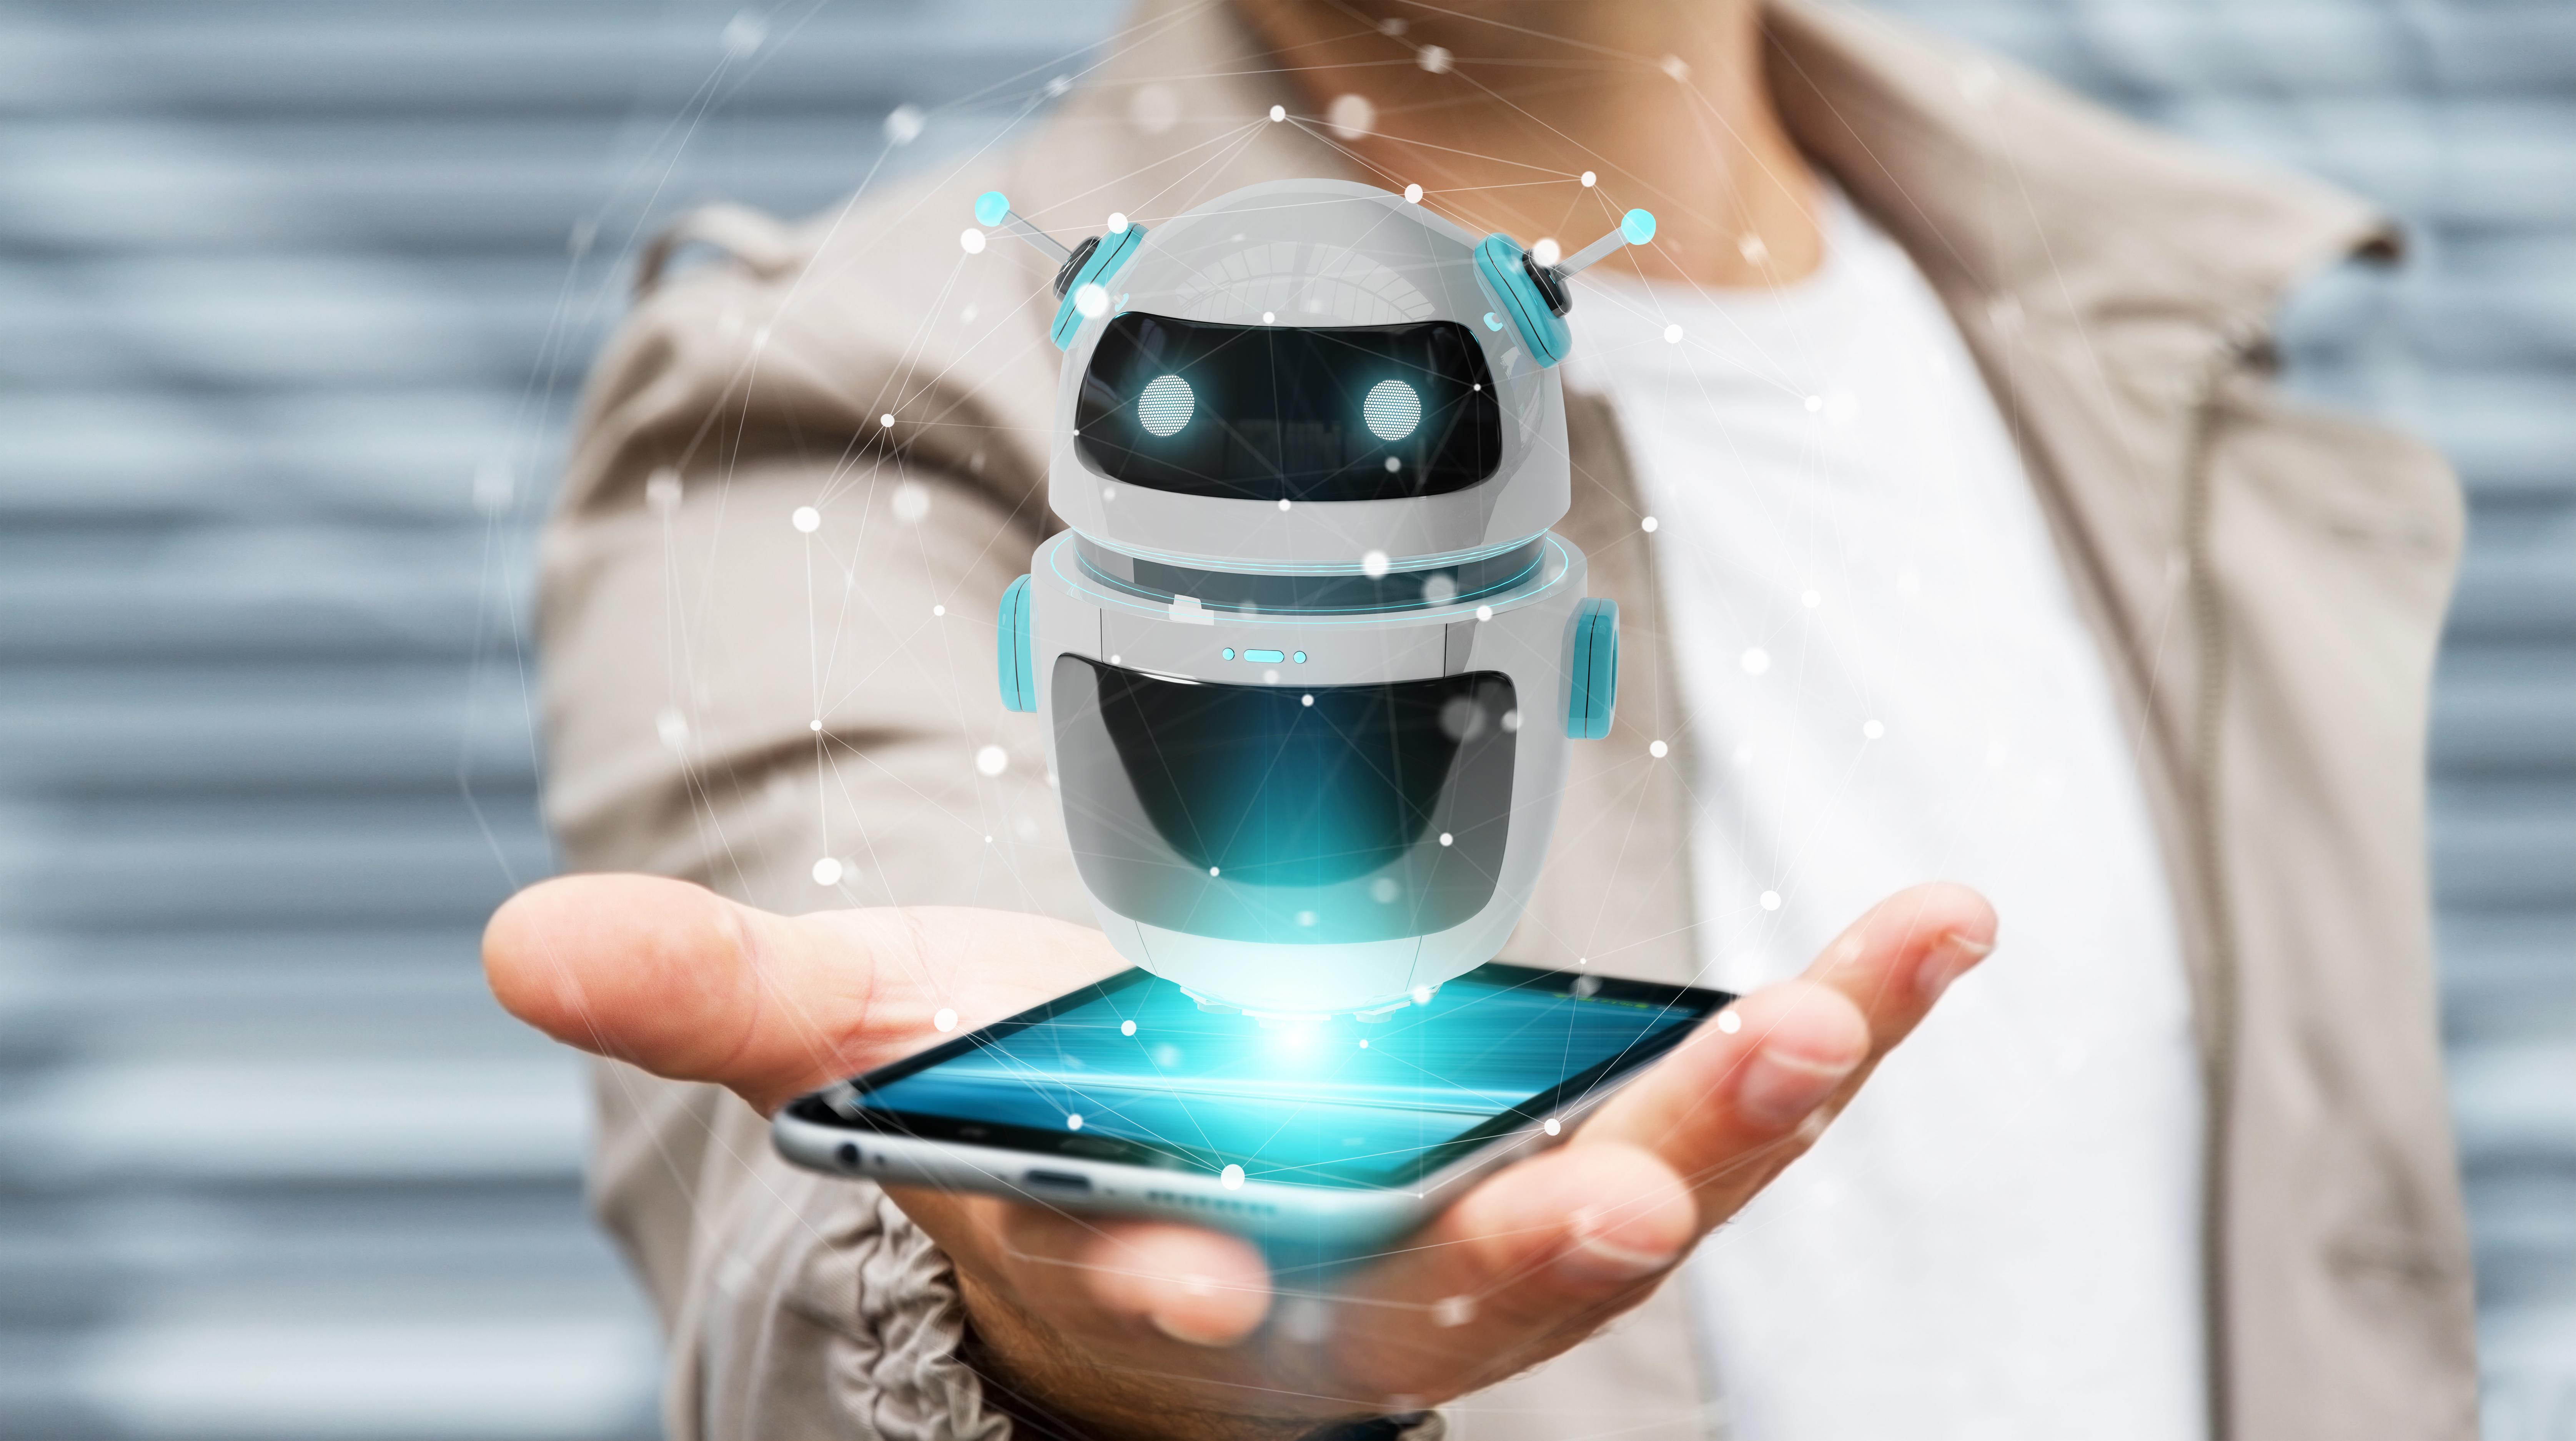 Chatbots - Businessman on blurred background using digital chatbot robot application 3D rendering - Scatter